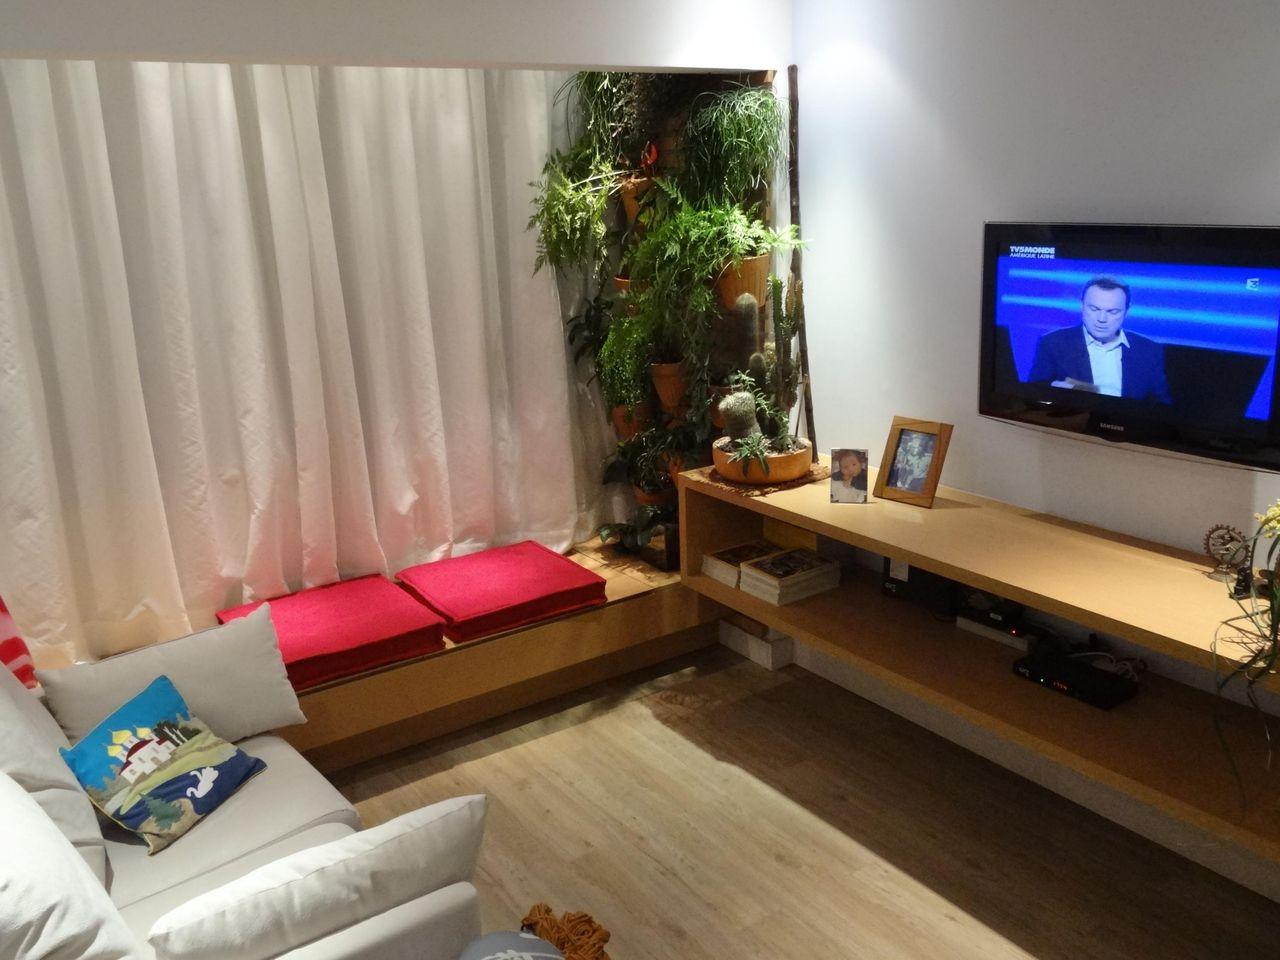 Decorao De Sala De Estar Pequena De Apartamento Altamente Fotos  -> Como Decorar Uma Sala De Estar Muito Pequena